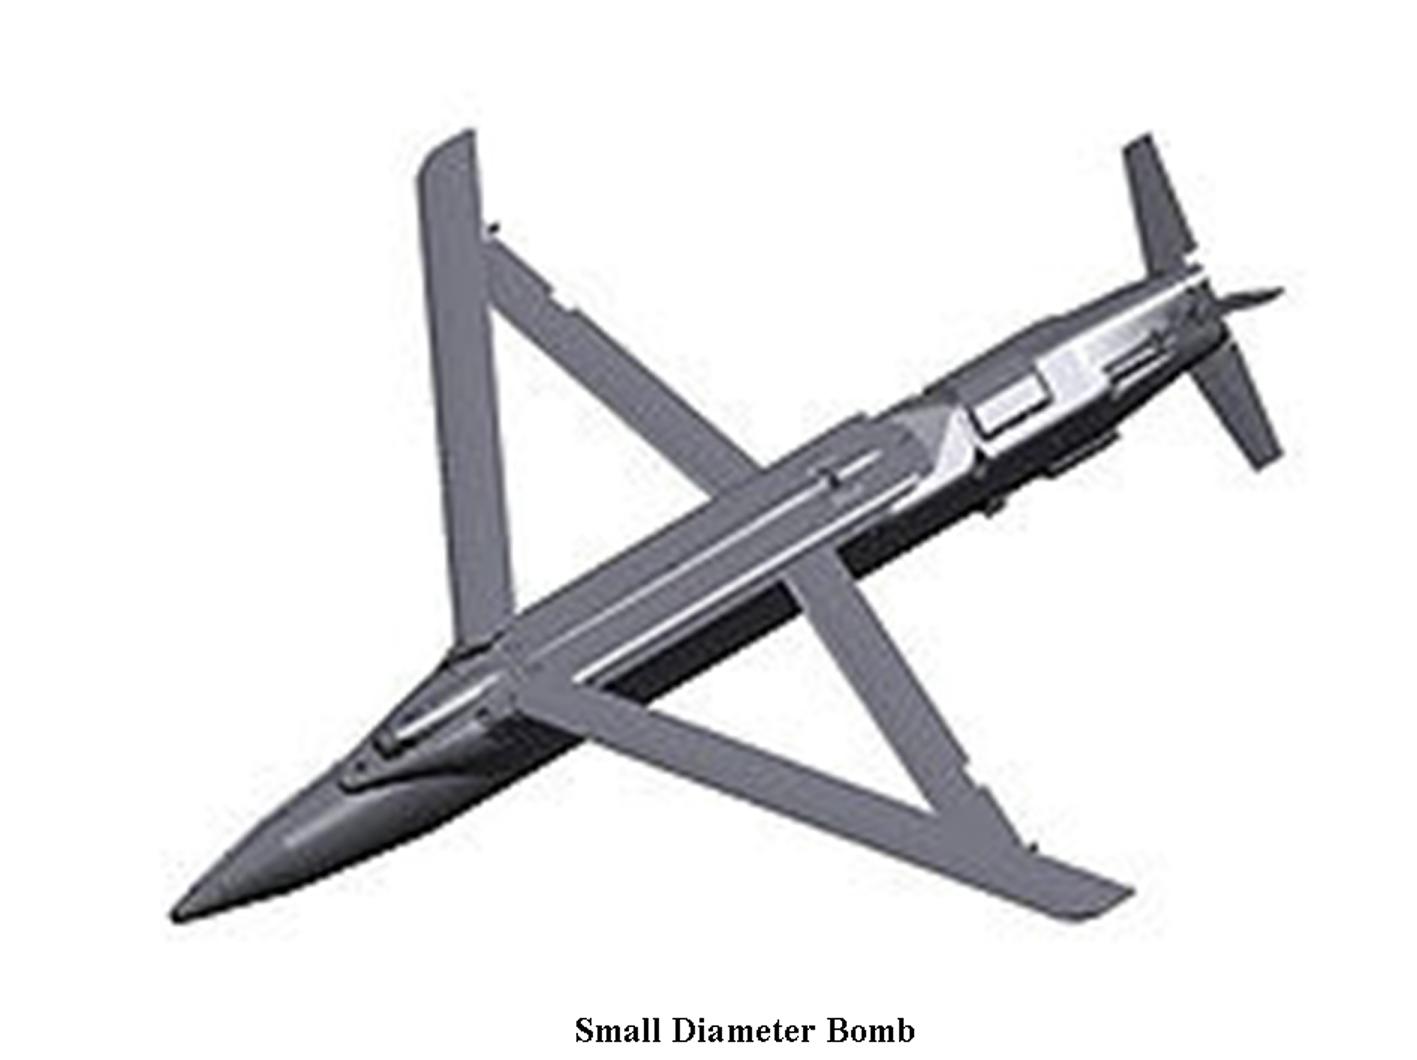 Munición Guiada Argentina de Precisión MUGAP Fabricaciones Militares 10icbco